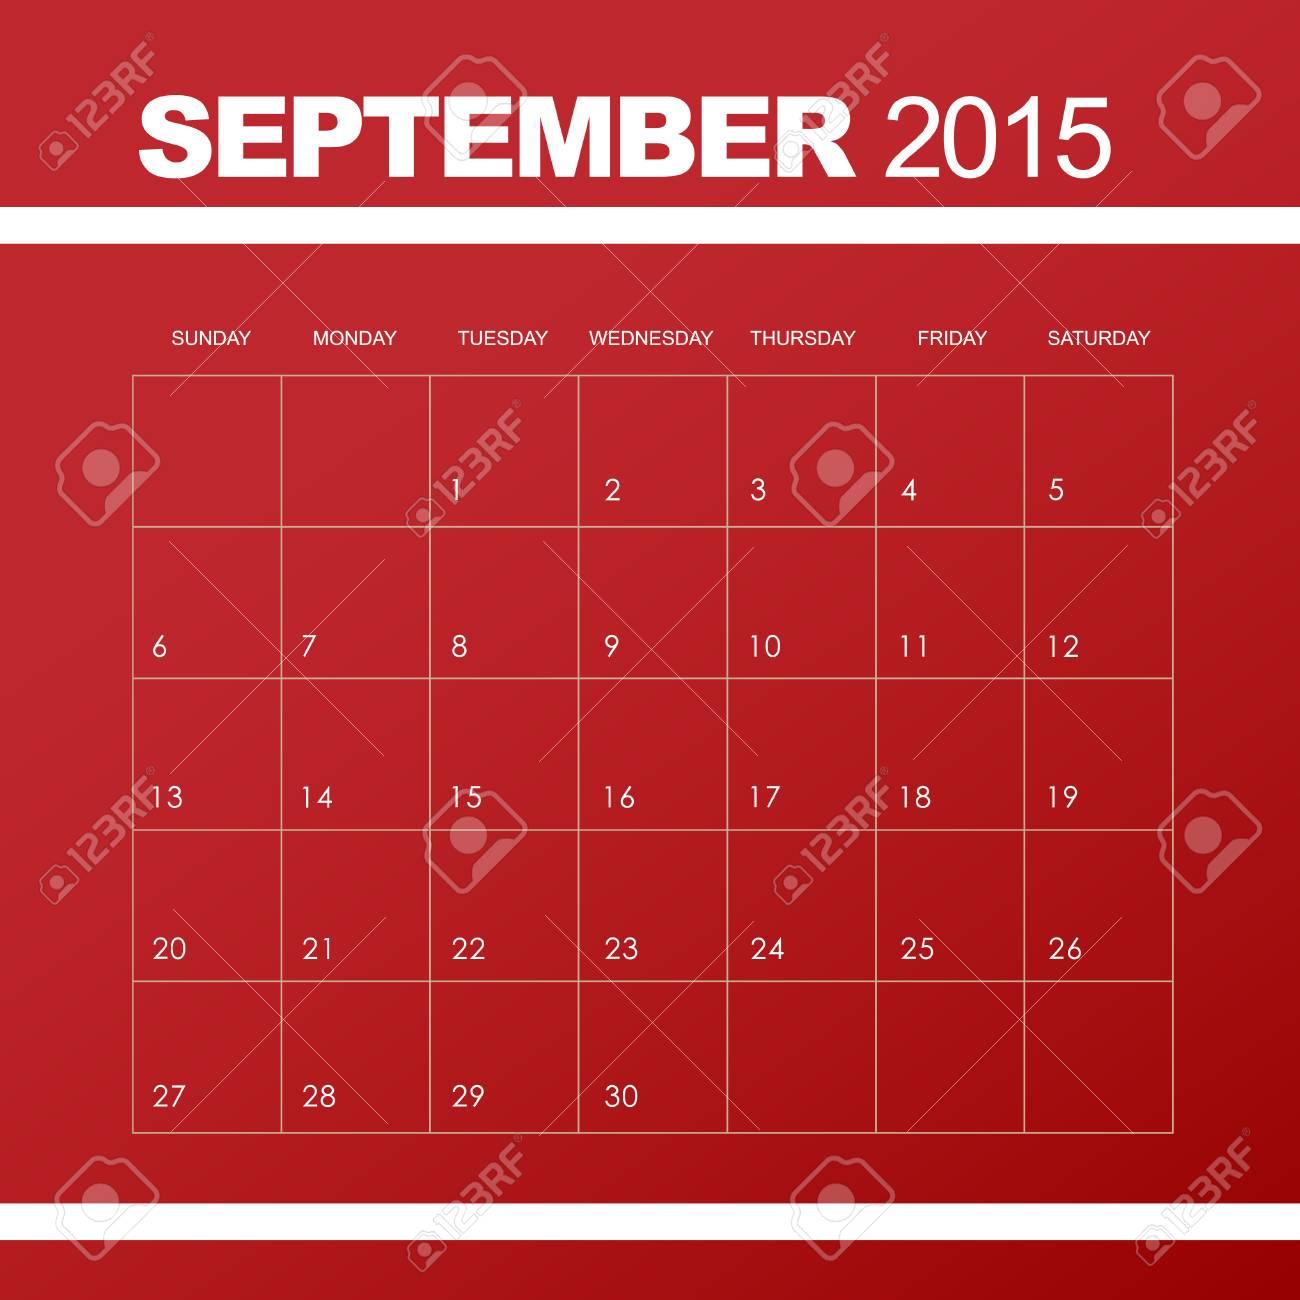 Erfreut 2015 Kalender Leere Vorlage Fotos - Entry Level Resume ...